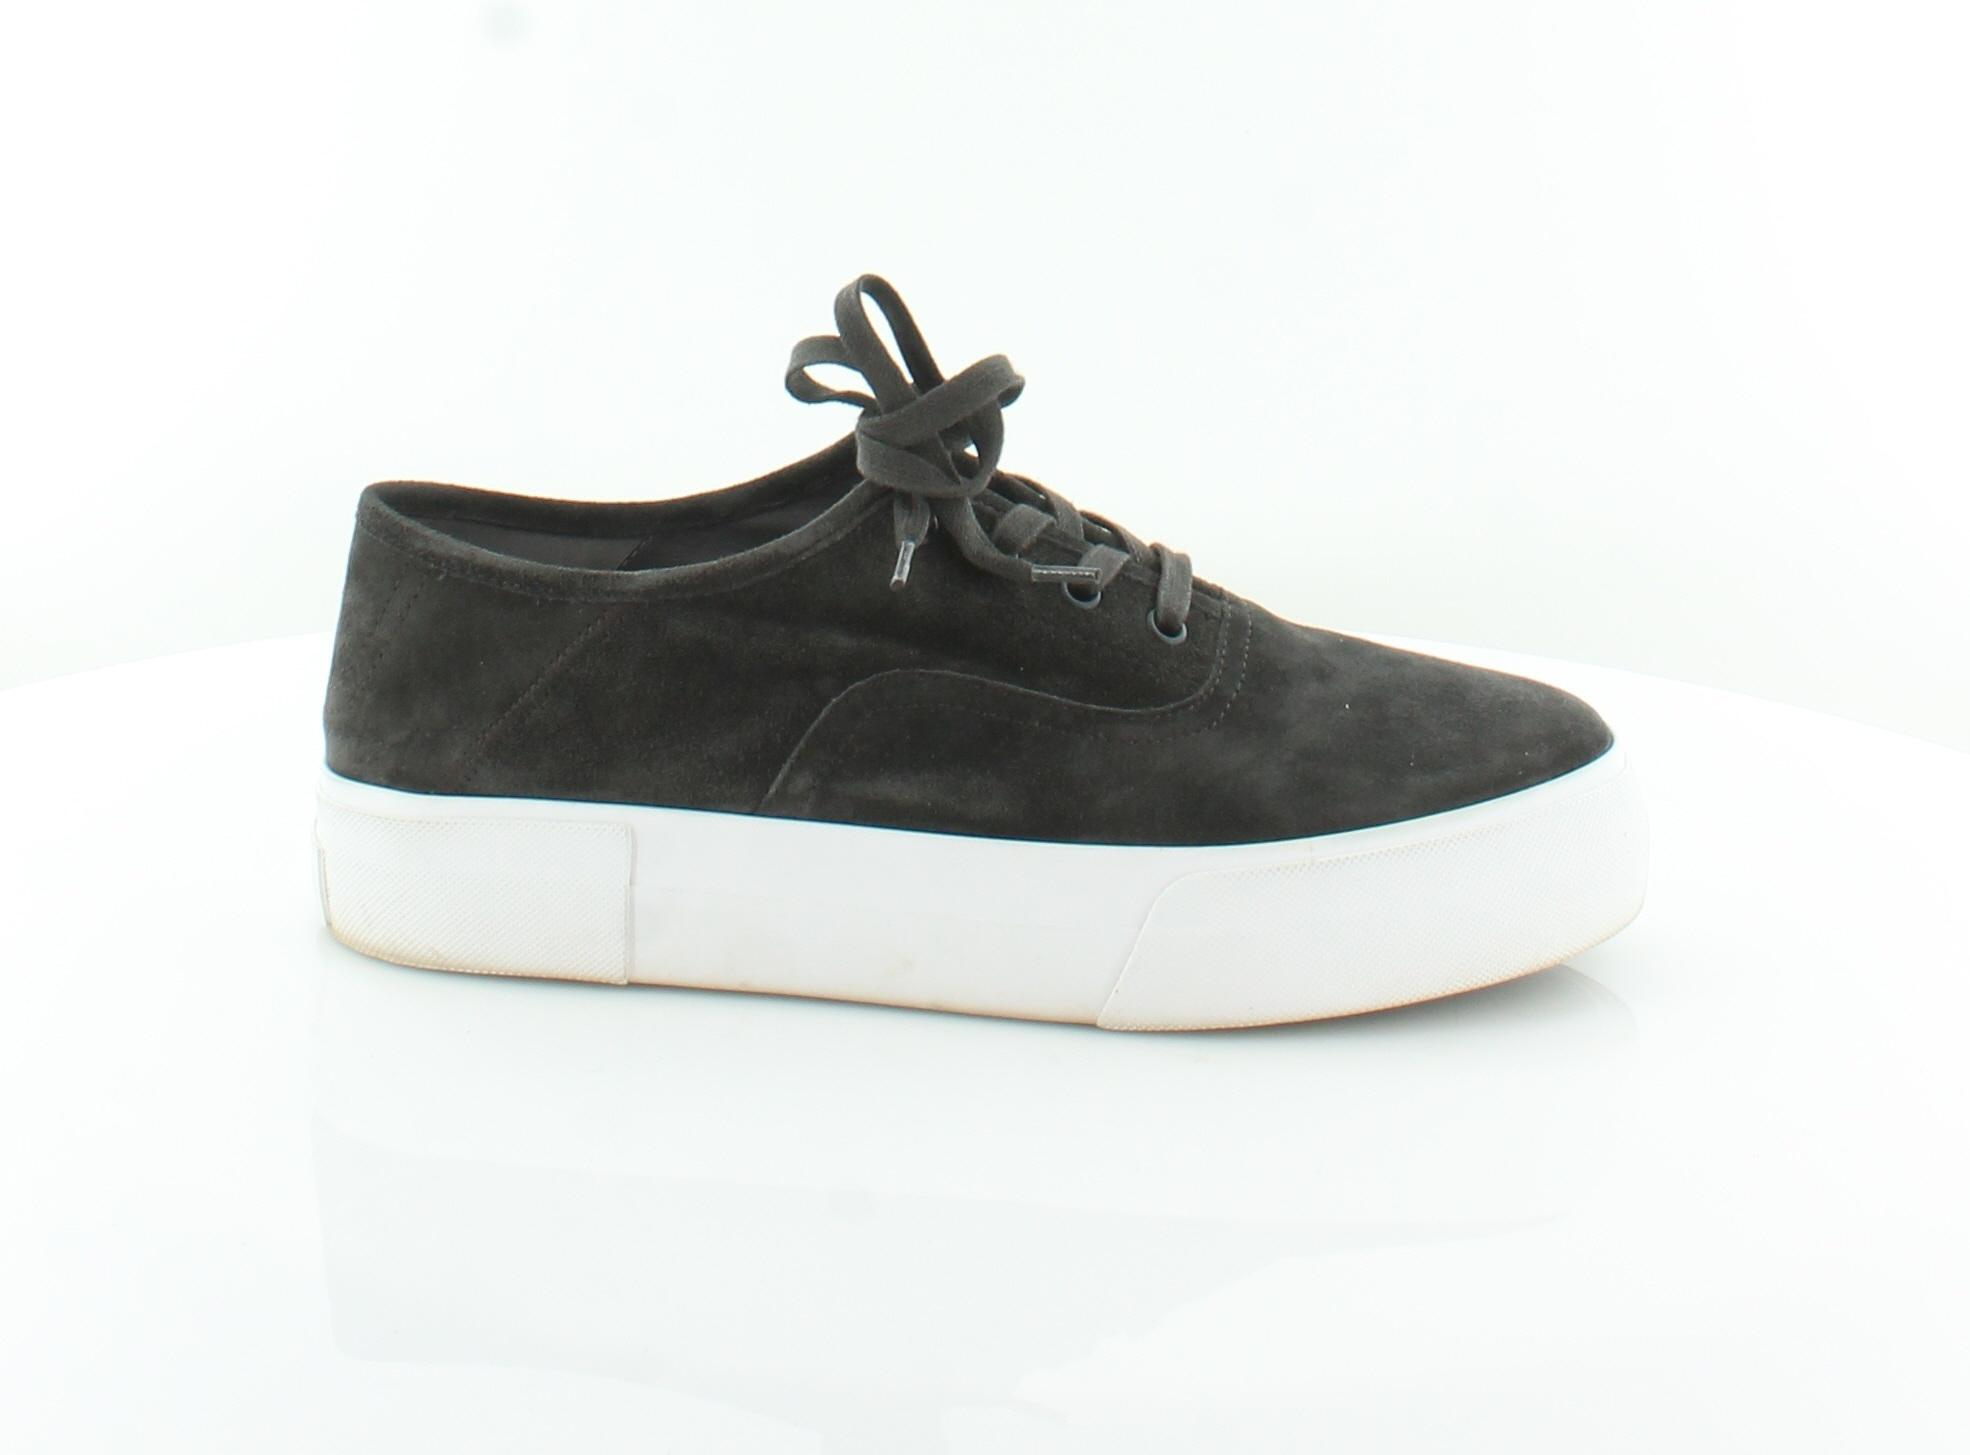 Vince Copley gris Mujer Zapatos Talla 9 M Moda Moda Moda tenis precio minorista sugerido por el fabricante  250